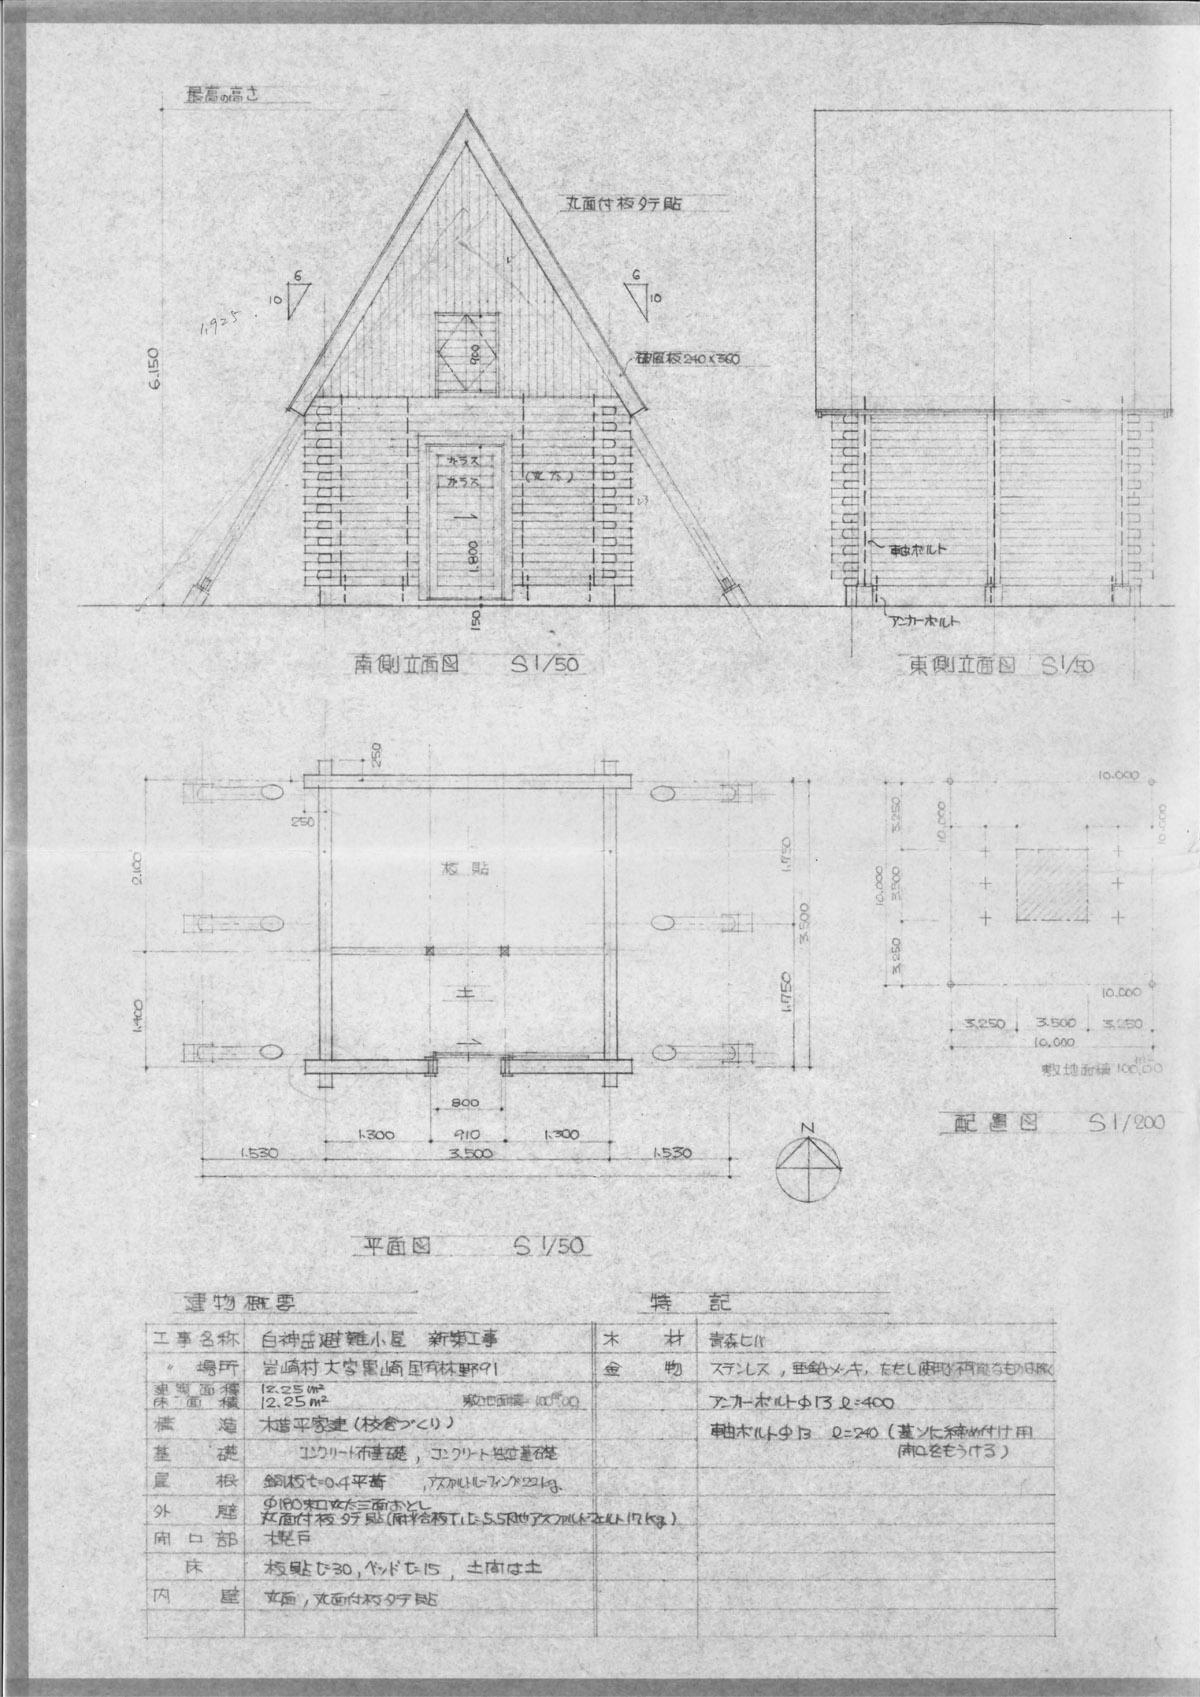 避難小屋設計図